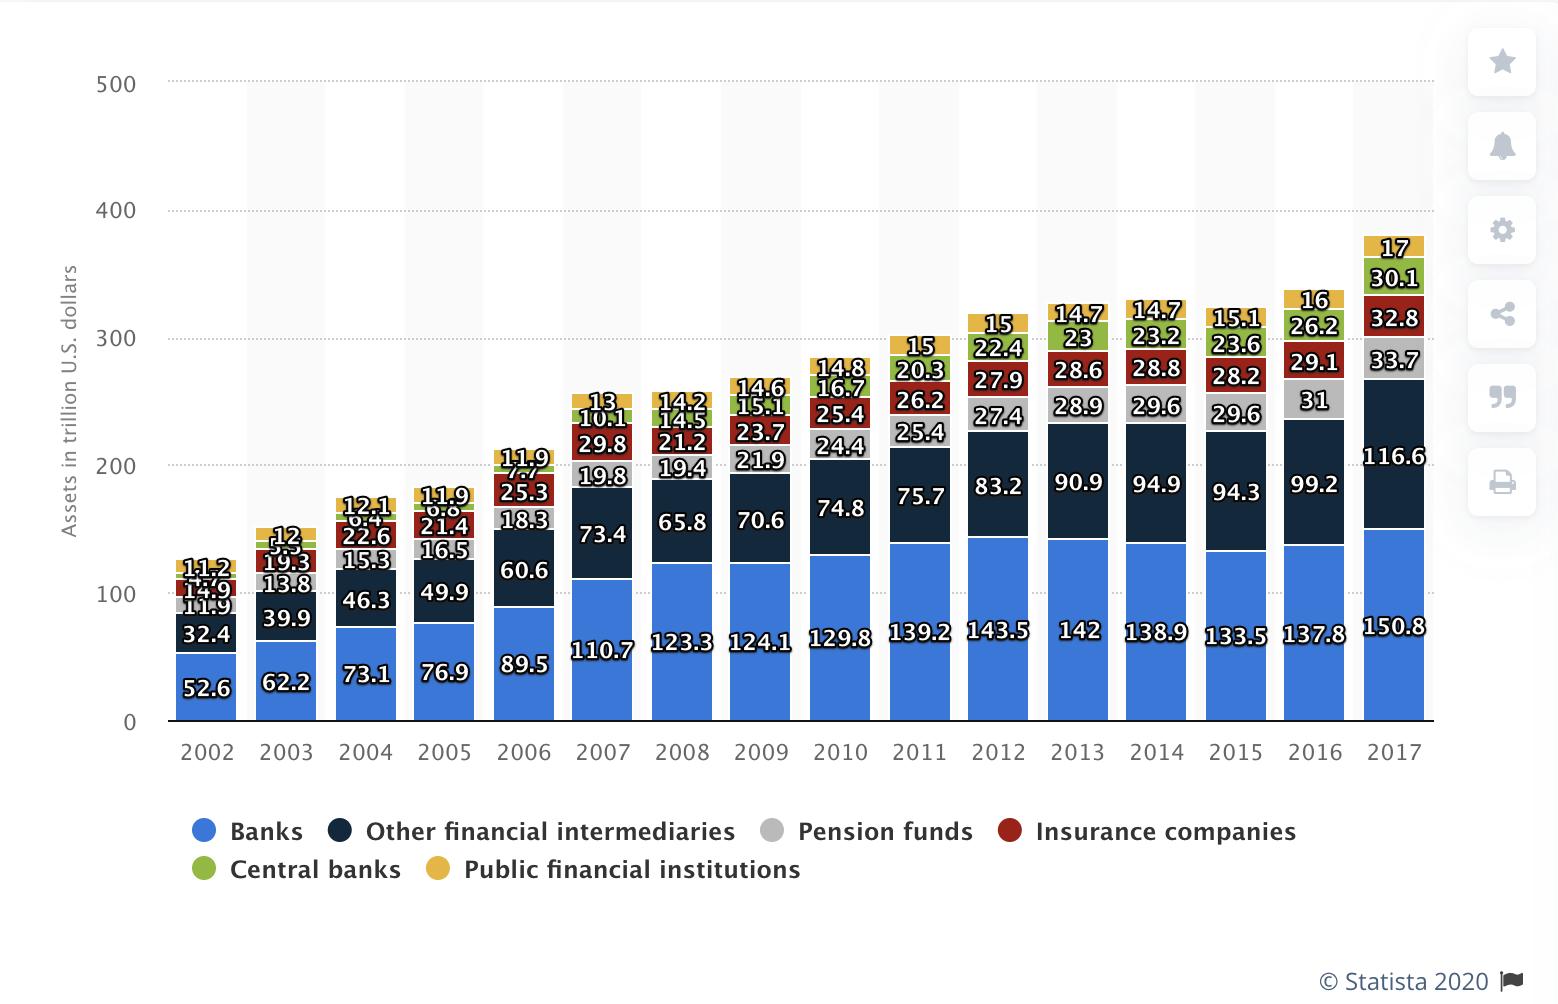 Maailma finantsinstitutsioonide finantsvarade koguväärtus on 2002-2017 perioodil (triljonites USD) on kasvanud 3 kordselt, samas kui maailma kogutoodang kasvas vastaval perioodil vaid pisut enam kui 2 korda.